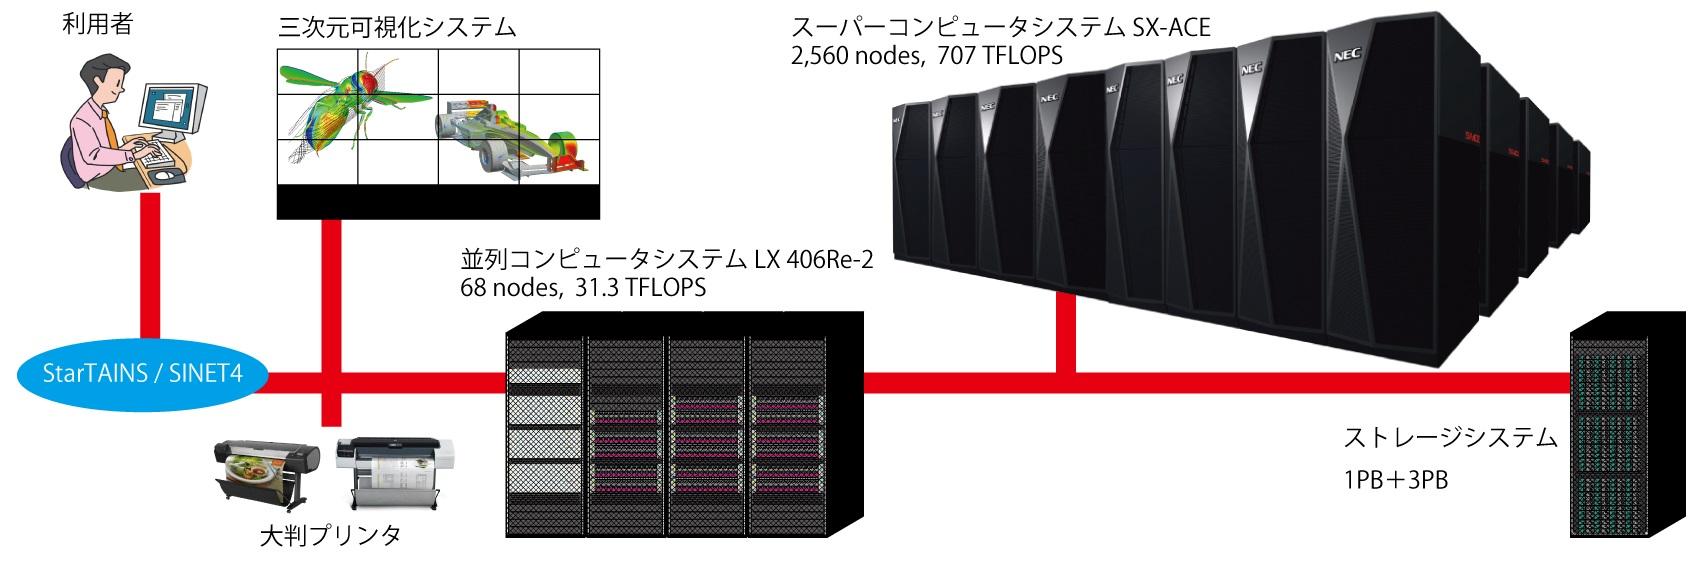 [339] 大規模科学計算システム  〔リンク〕 画像